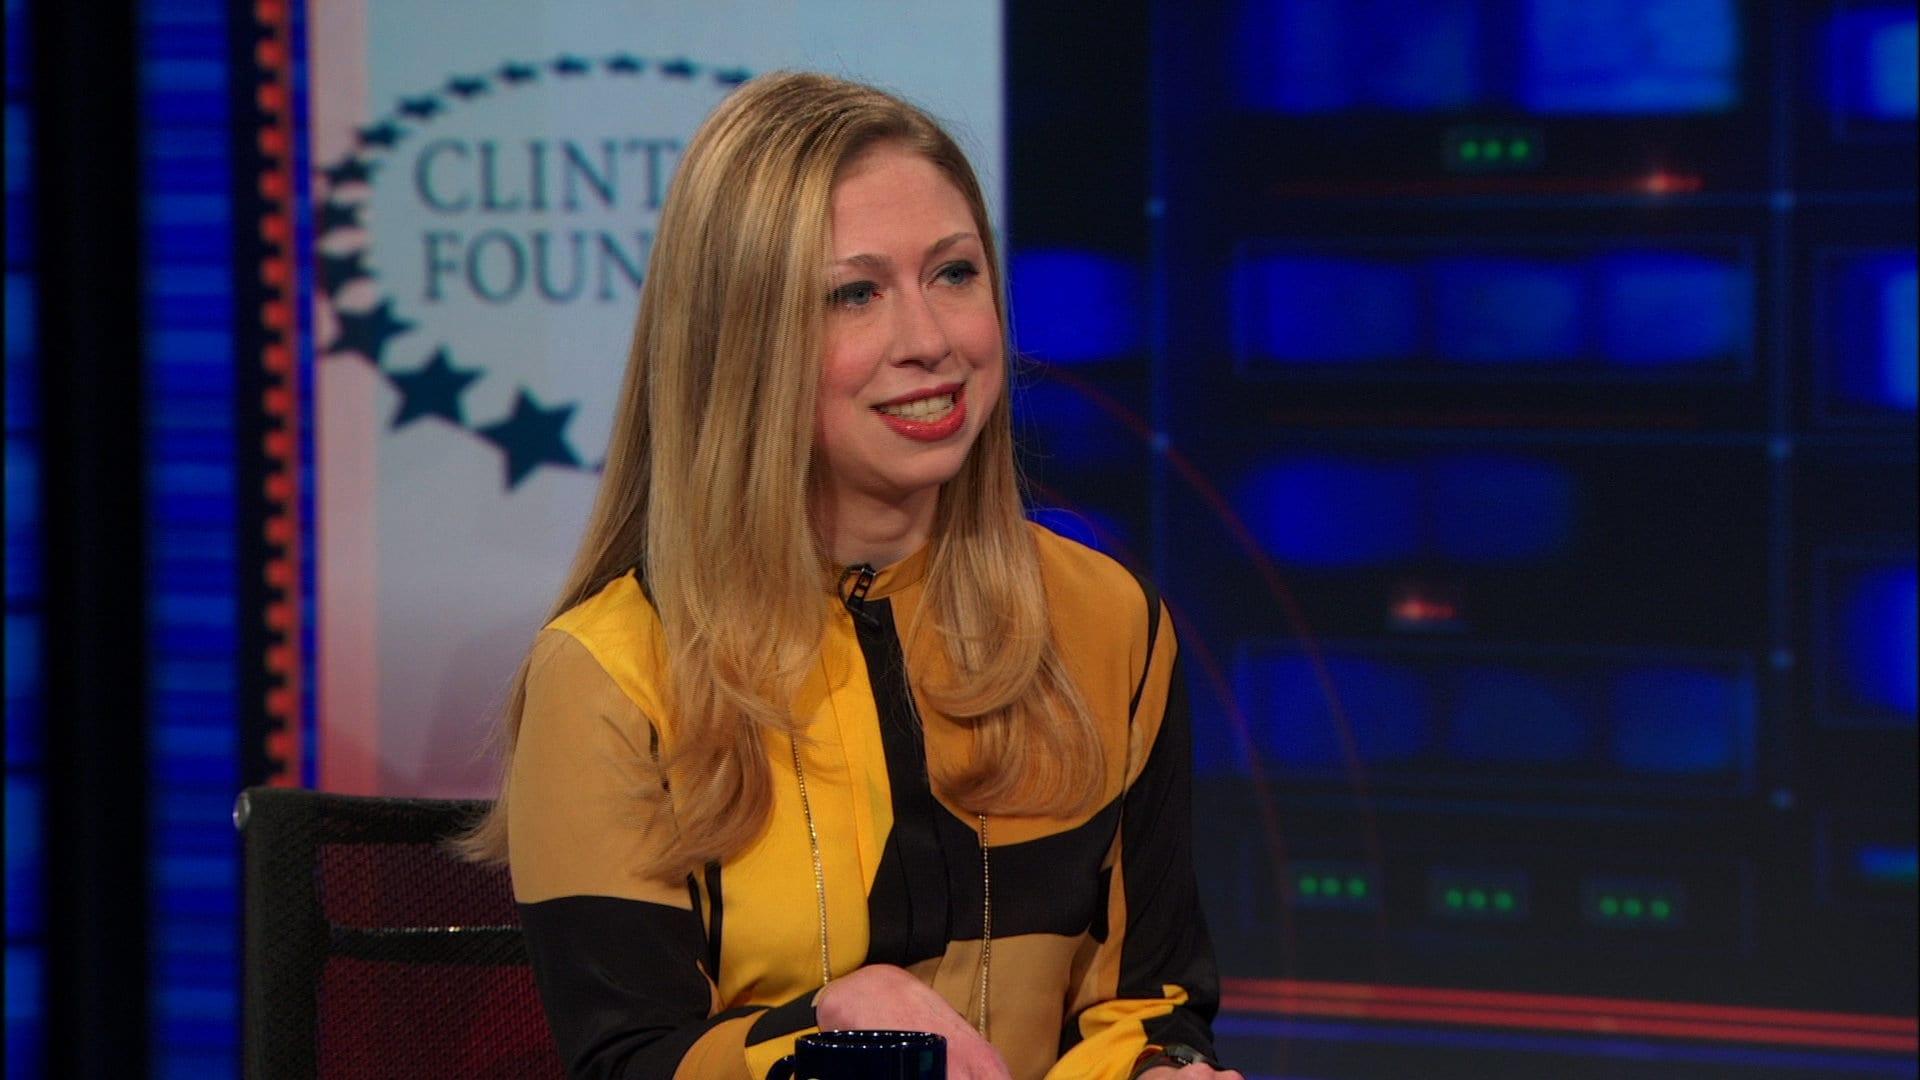 The Daily Show with Trevor Noah Season 18 :Episode 155  Chelsea Clinton